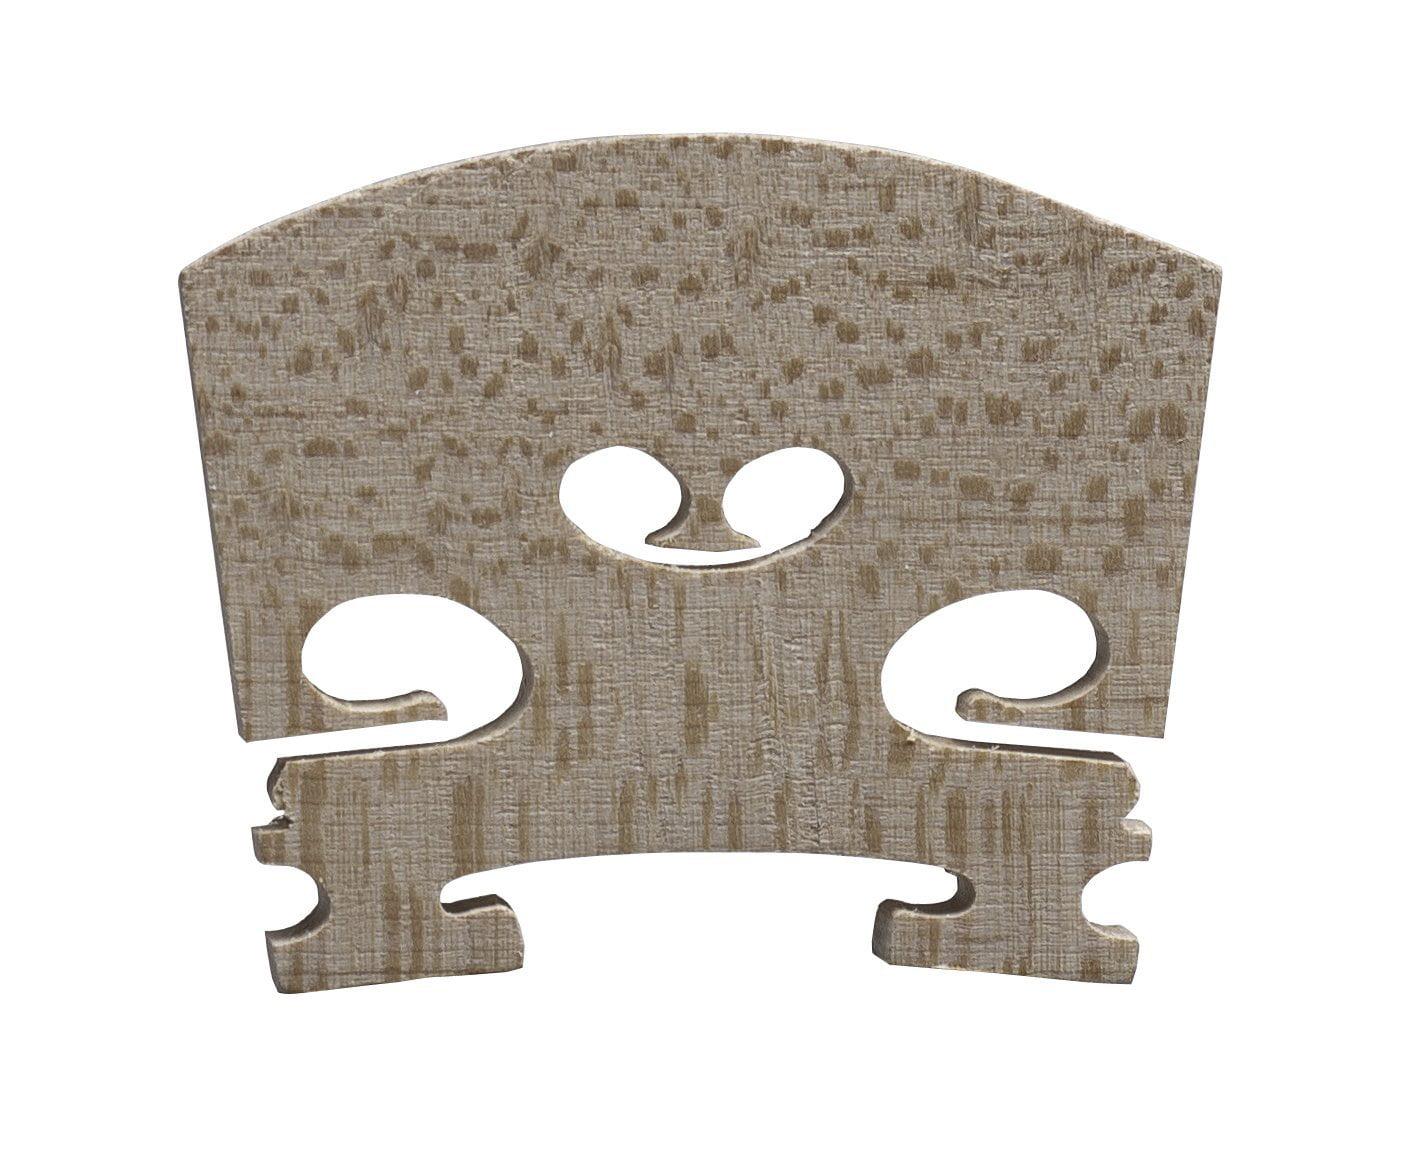 4 4 Violin Bridge by Grover